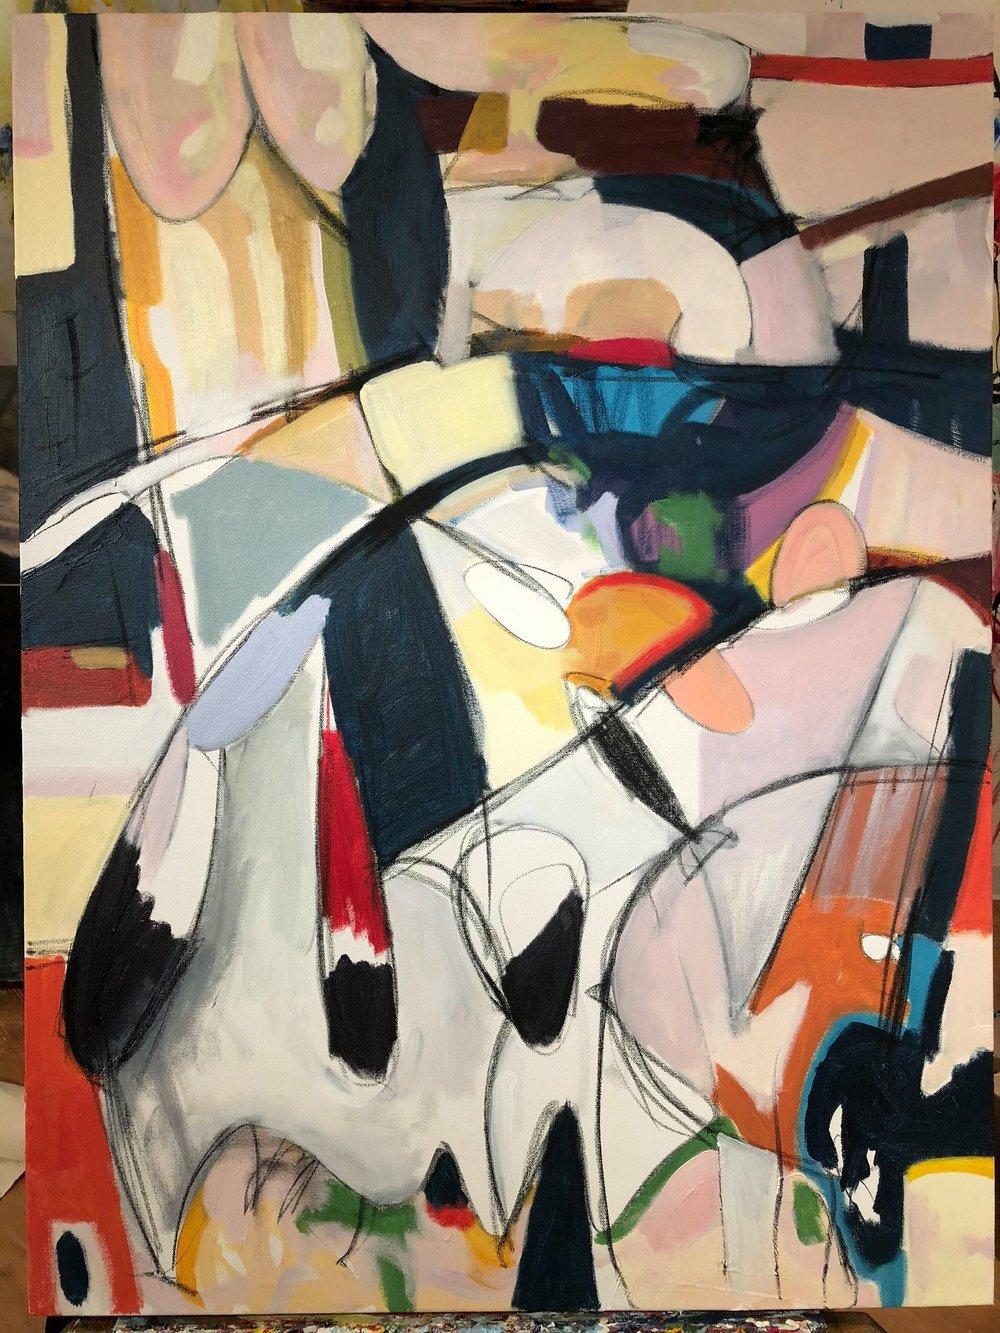 abstraft-artist-ryan-fritz-fargo.jpg